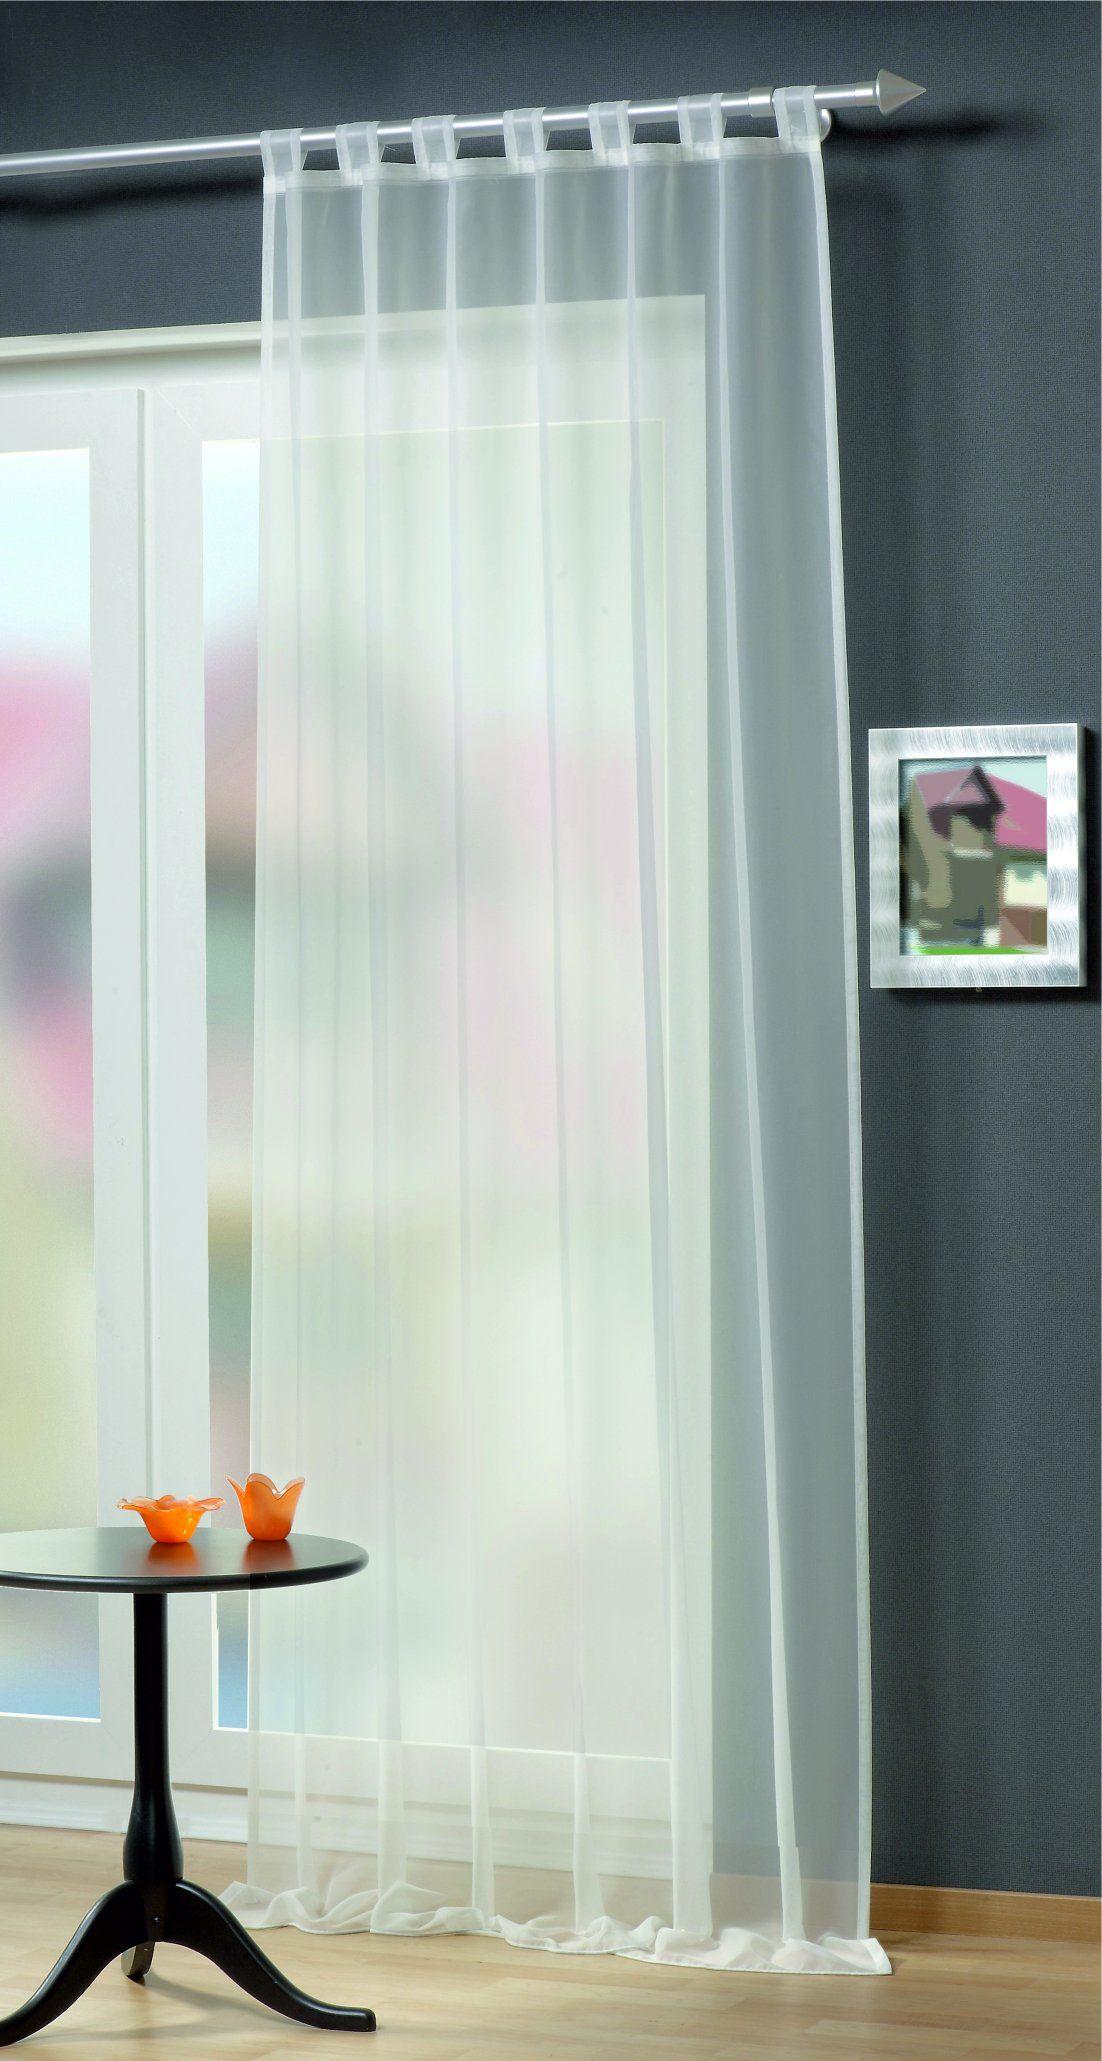 Home fashion zasłona ze szlufkami Uni woal, poliester, biała, 245 x 140 cm